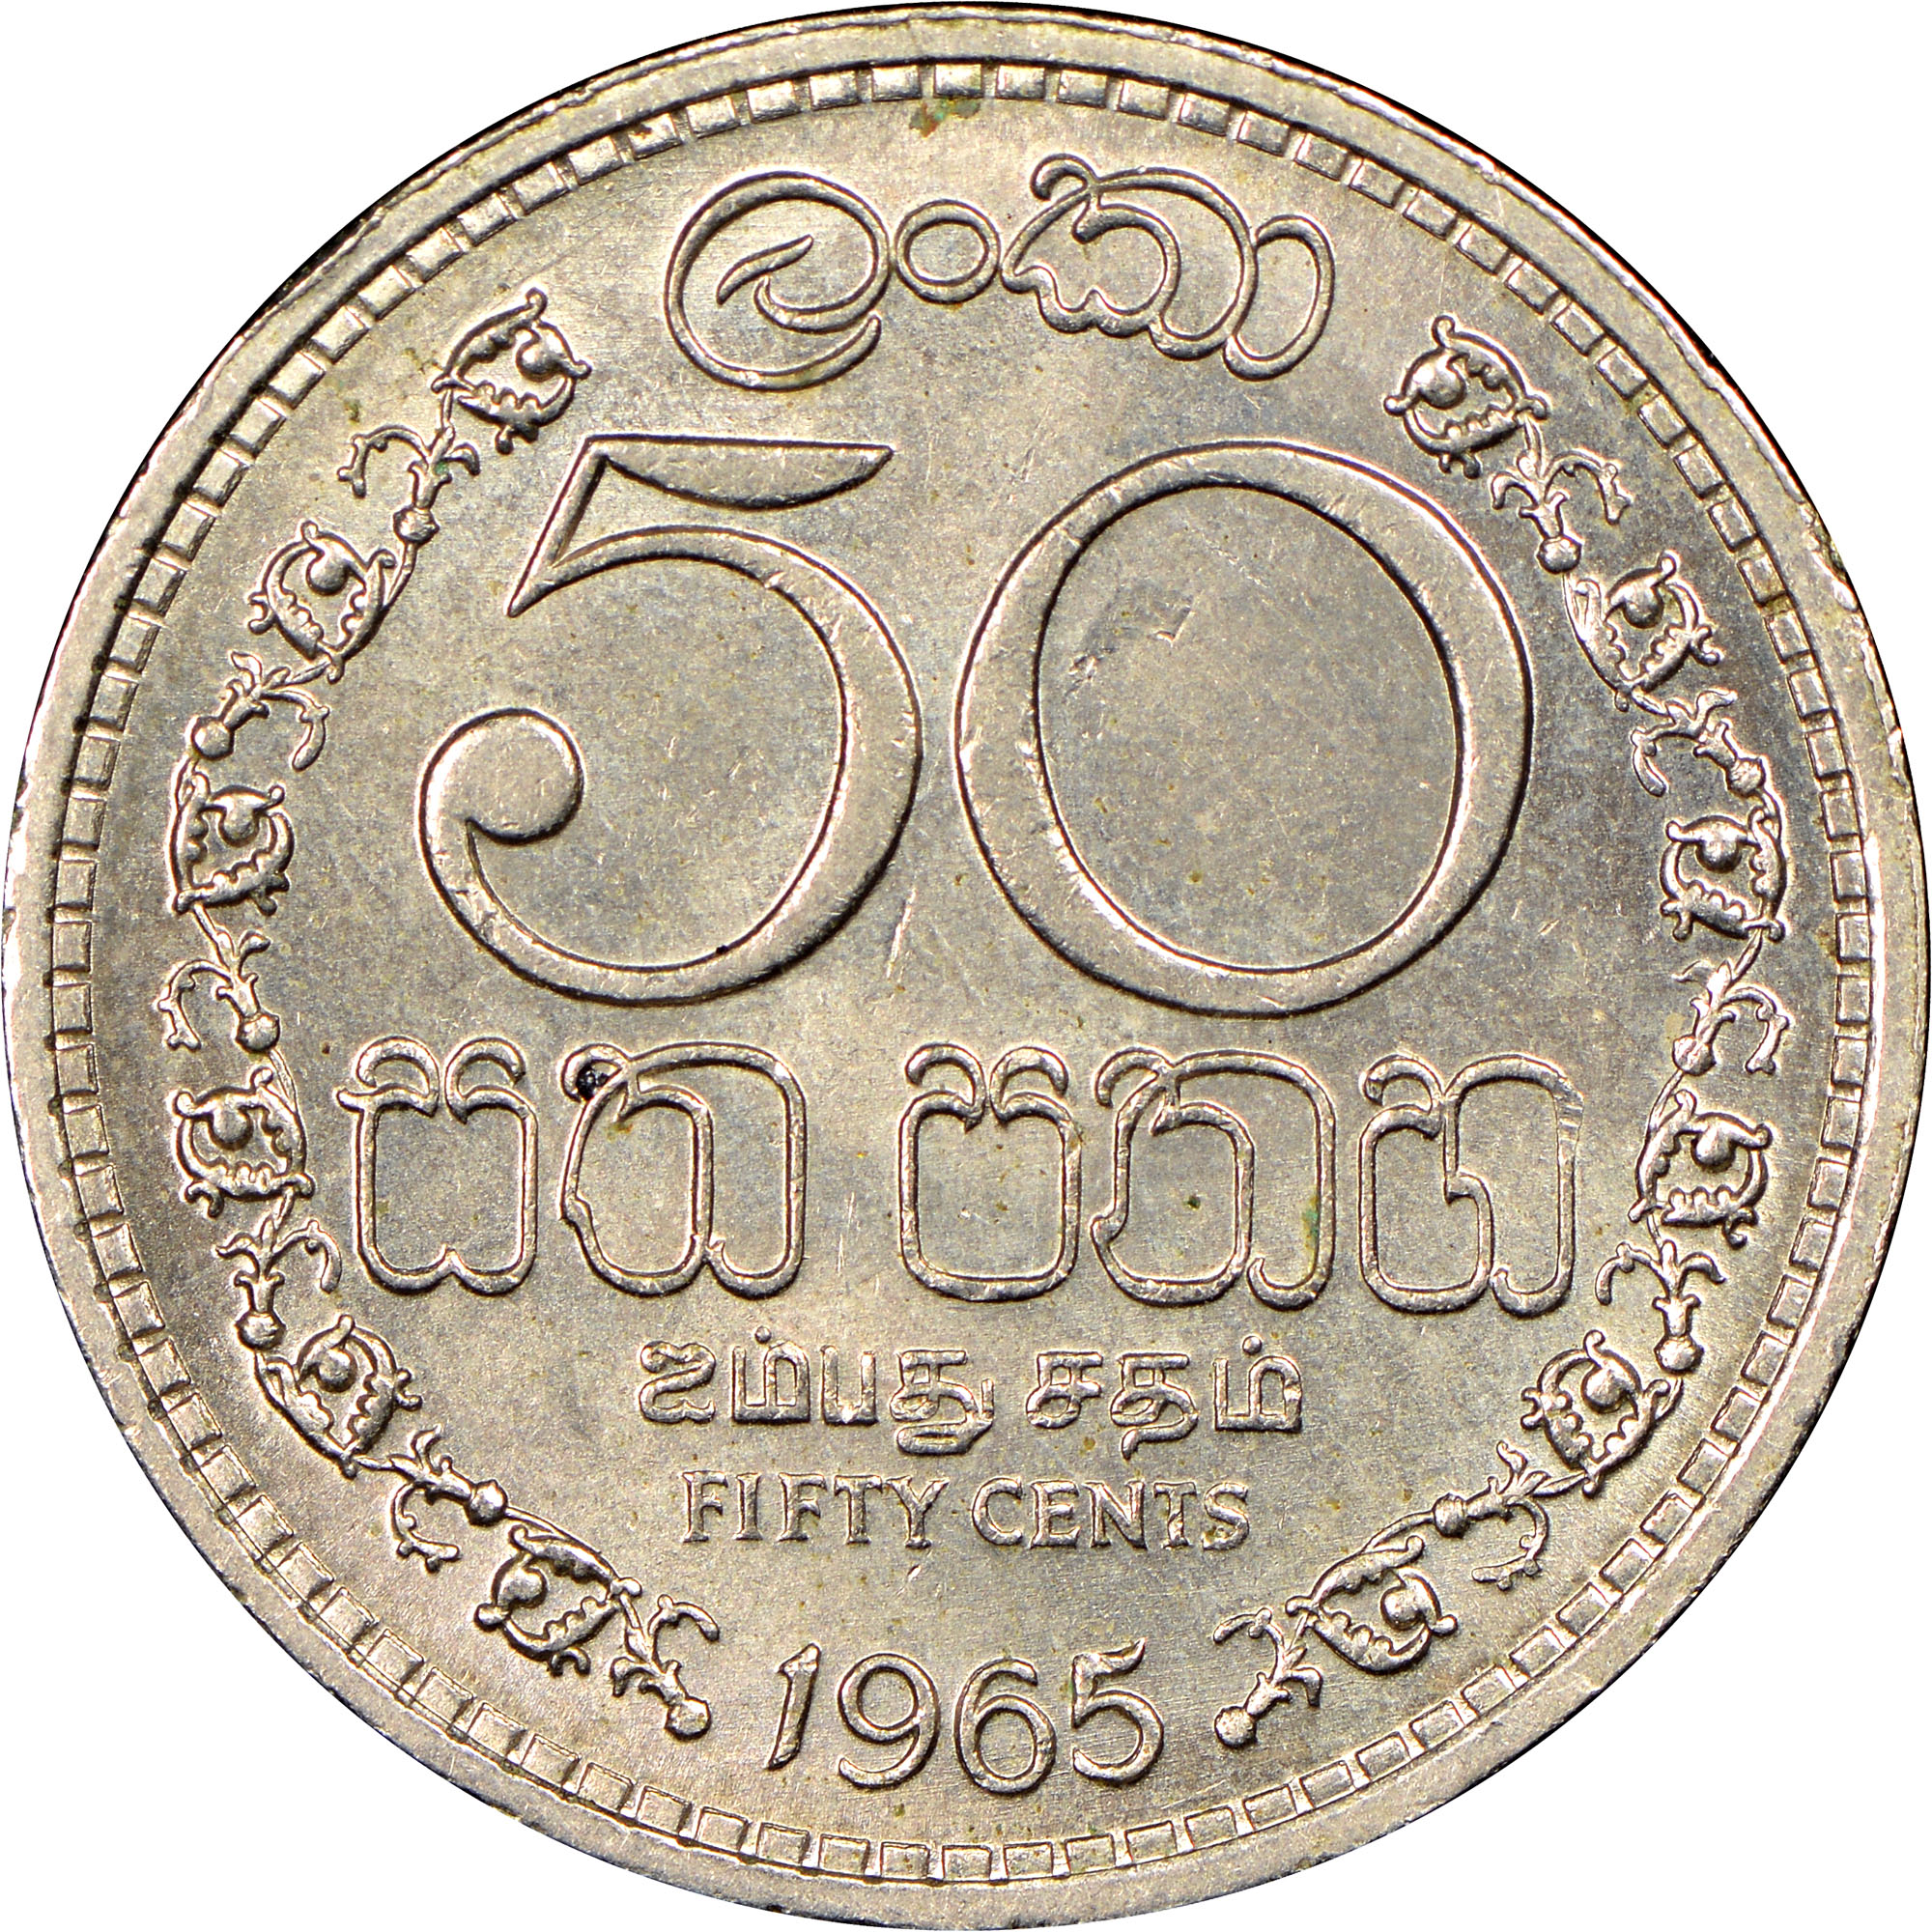 Ceylon 50 Cents obverse